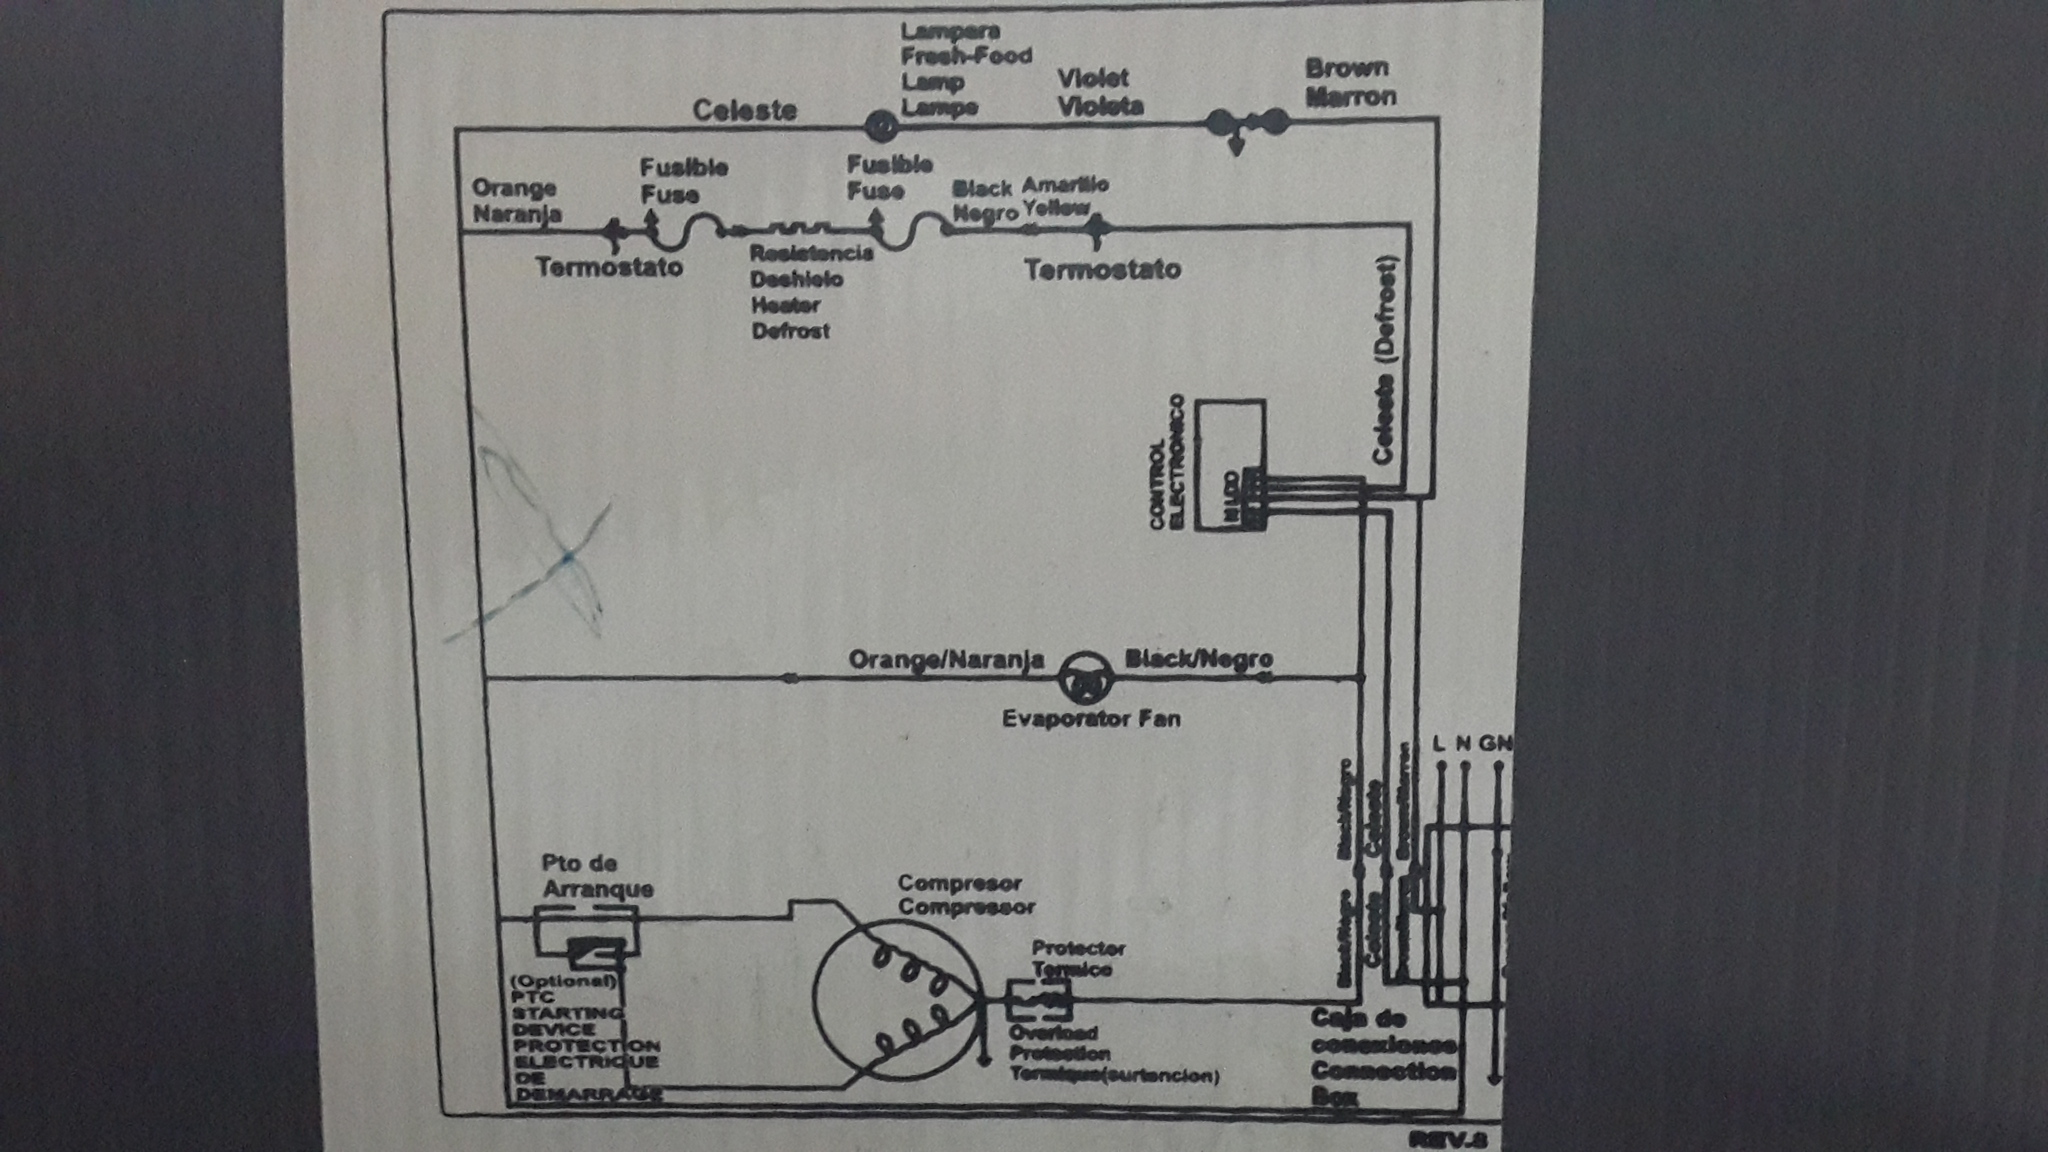 Circuito Electrico Heladera Comercial : Solucionado ayuda dibujo plaqueta heladera yoreparo